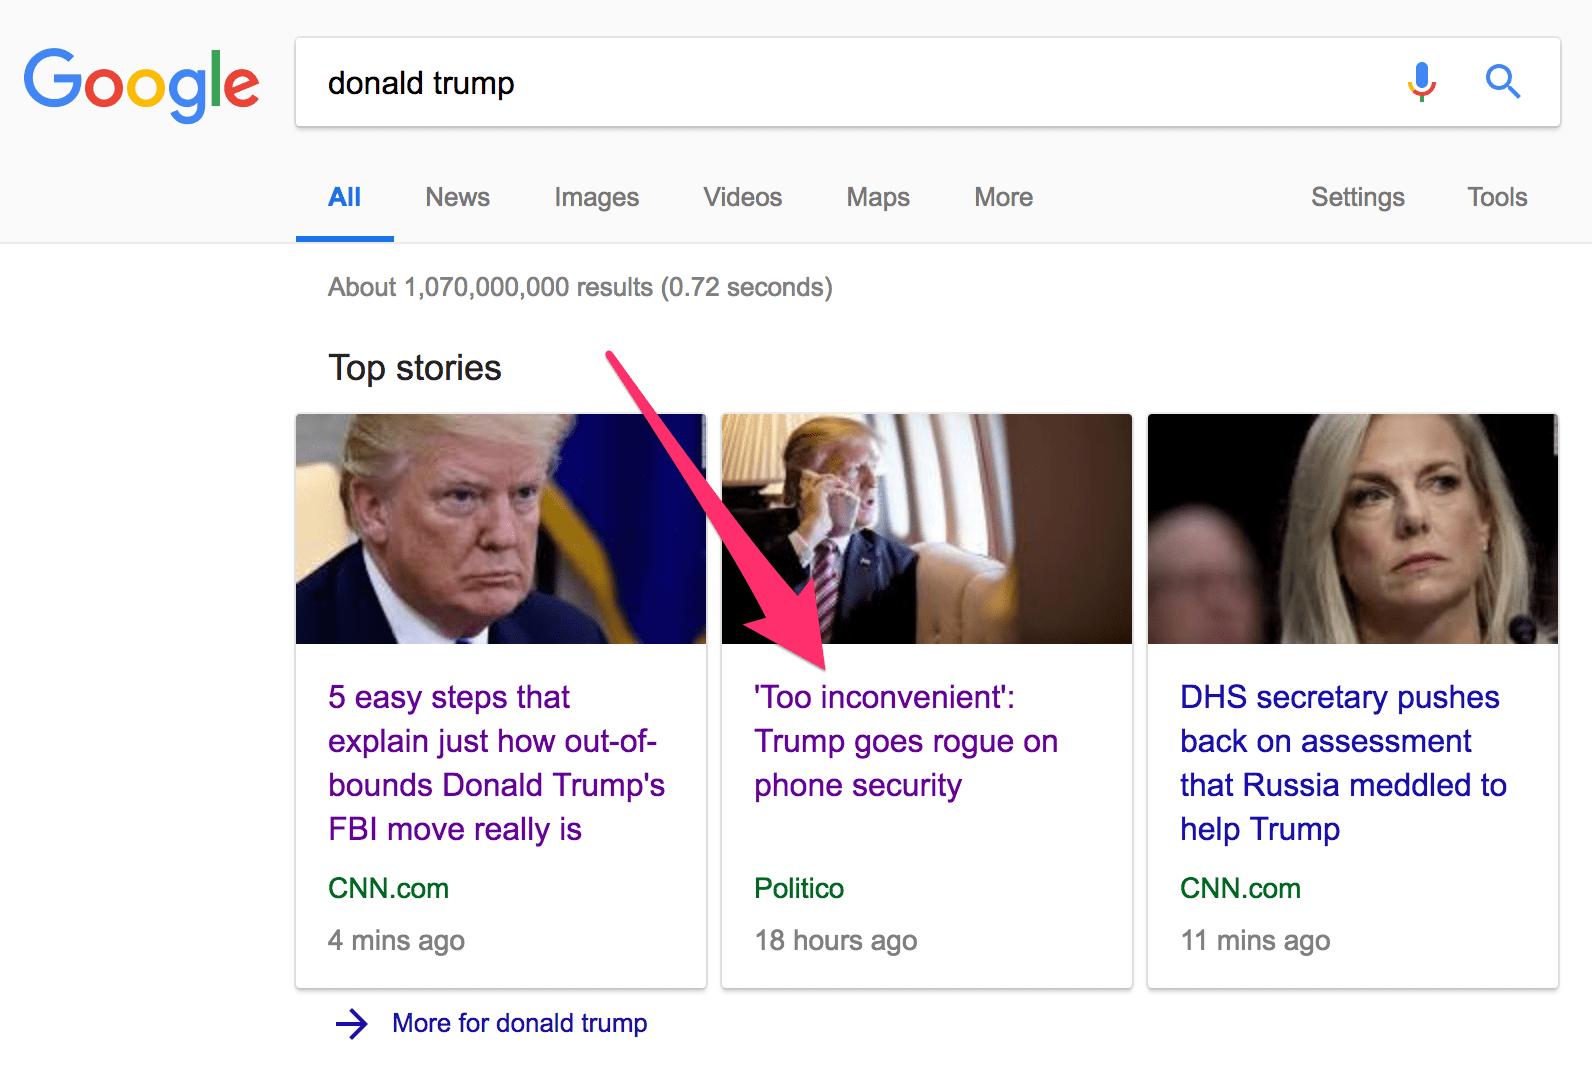 trang tin tức nằm trong tin bài hàng đầu